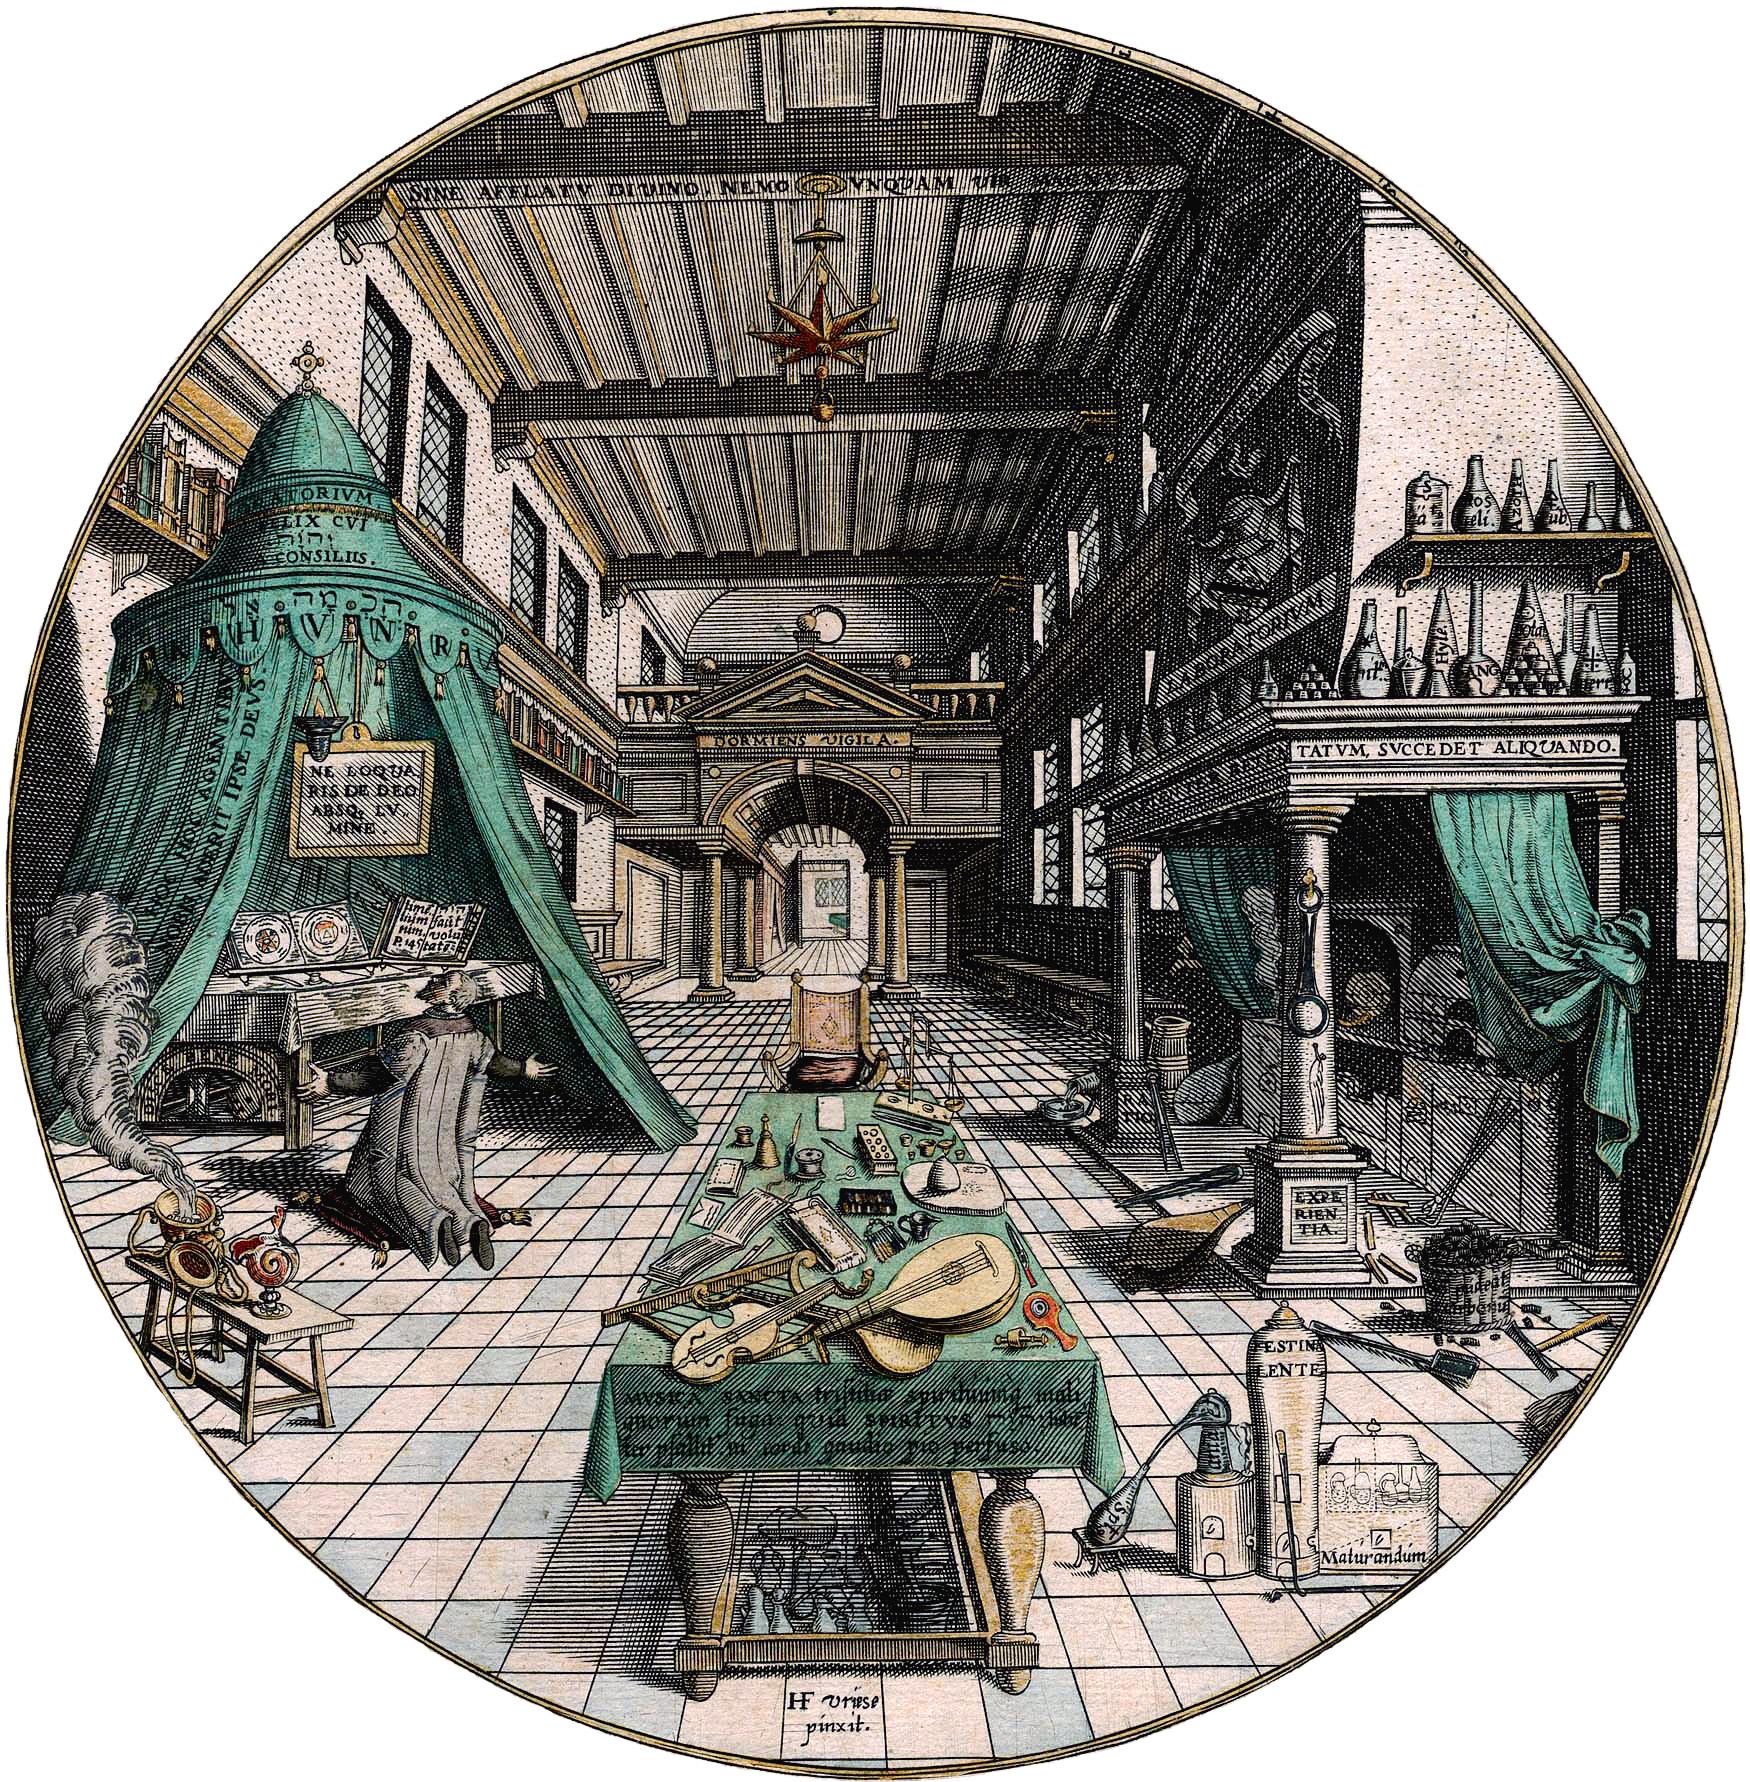 file amphitheatrum sapientiae aeternae alchemist s laboratory file amphitheatrum sapientiae aeternae alchemist s laboratory jpg